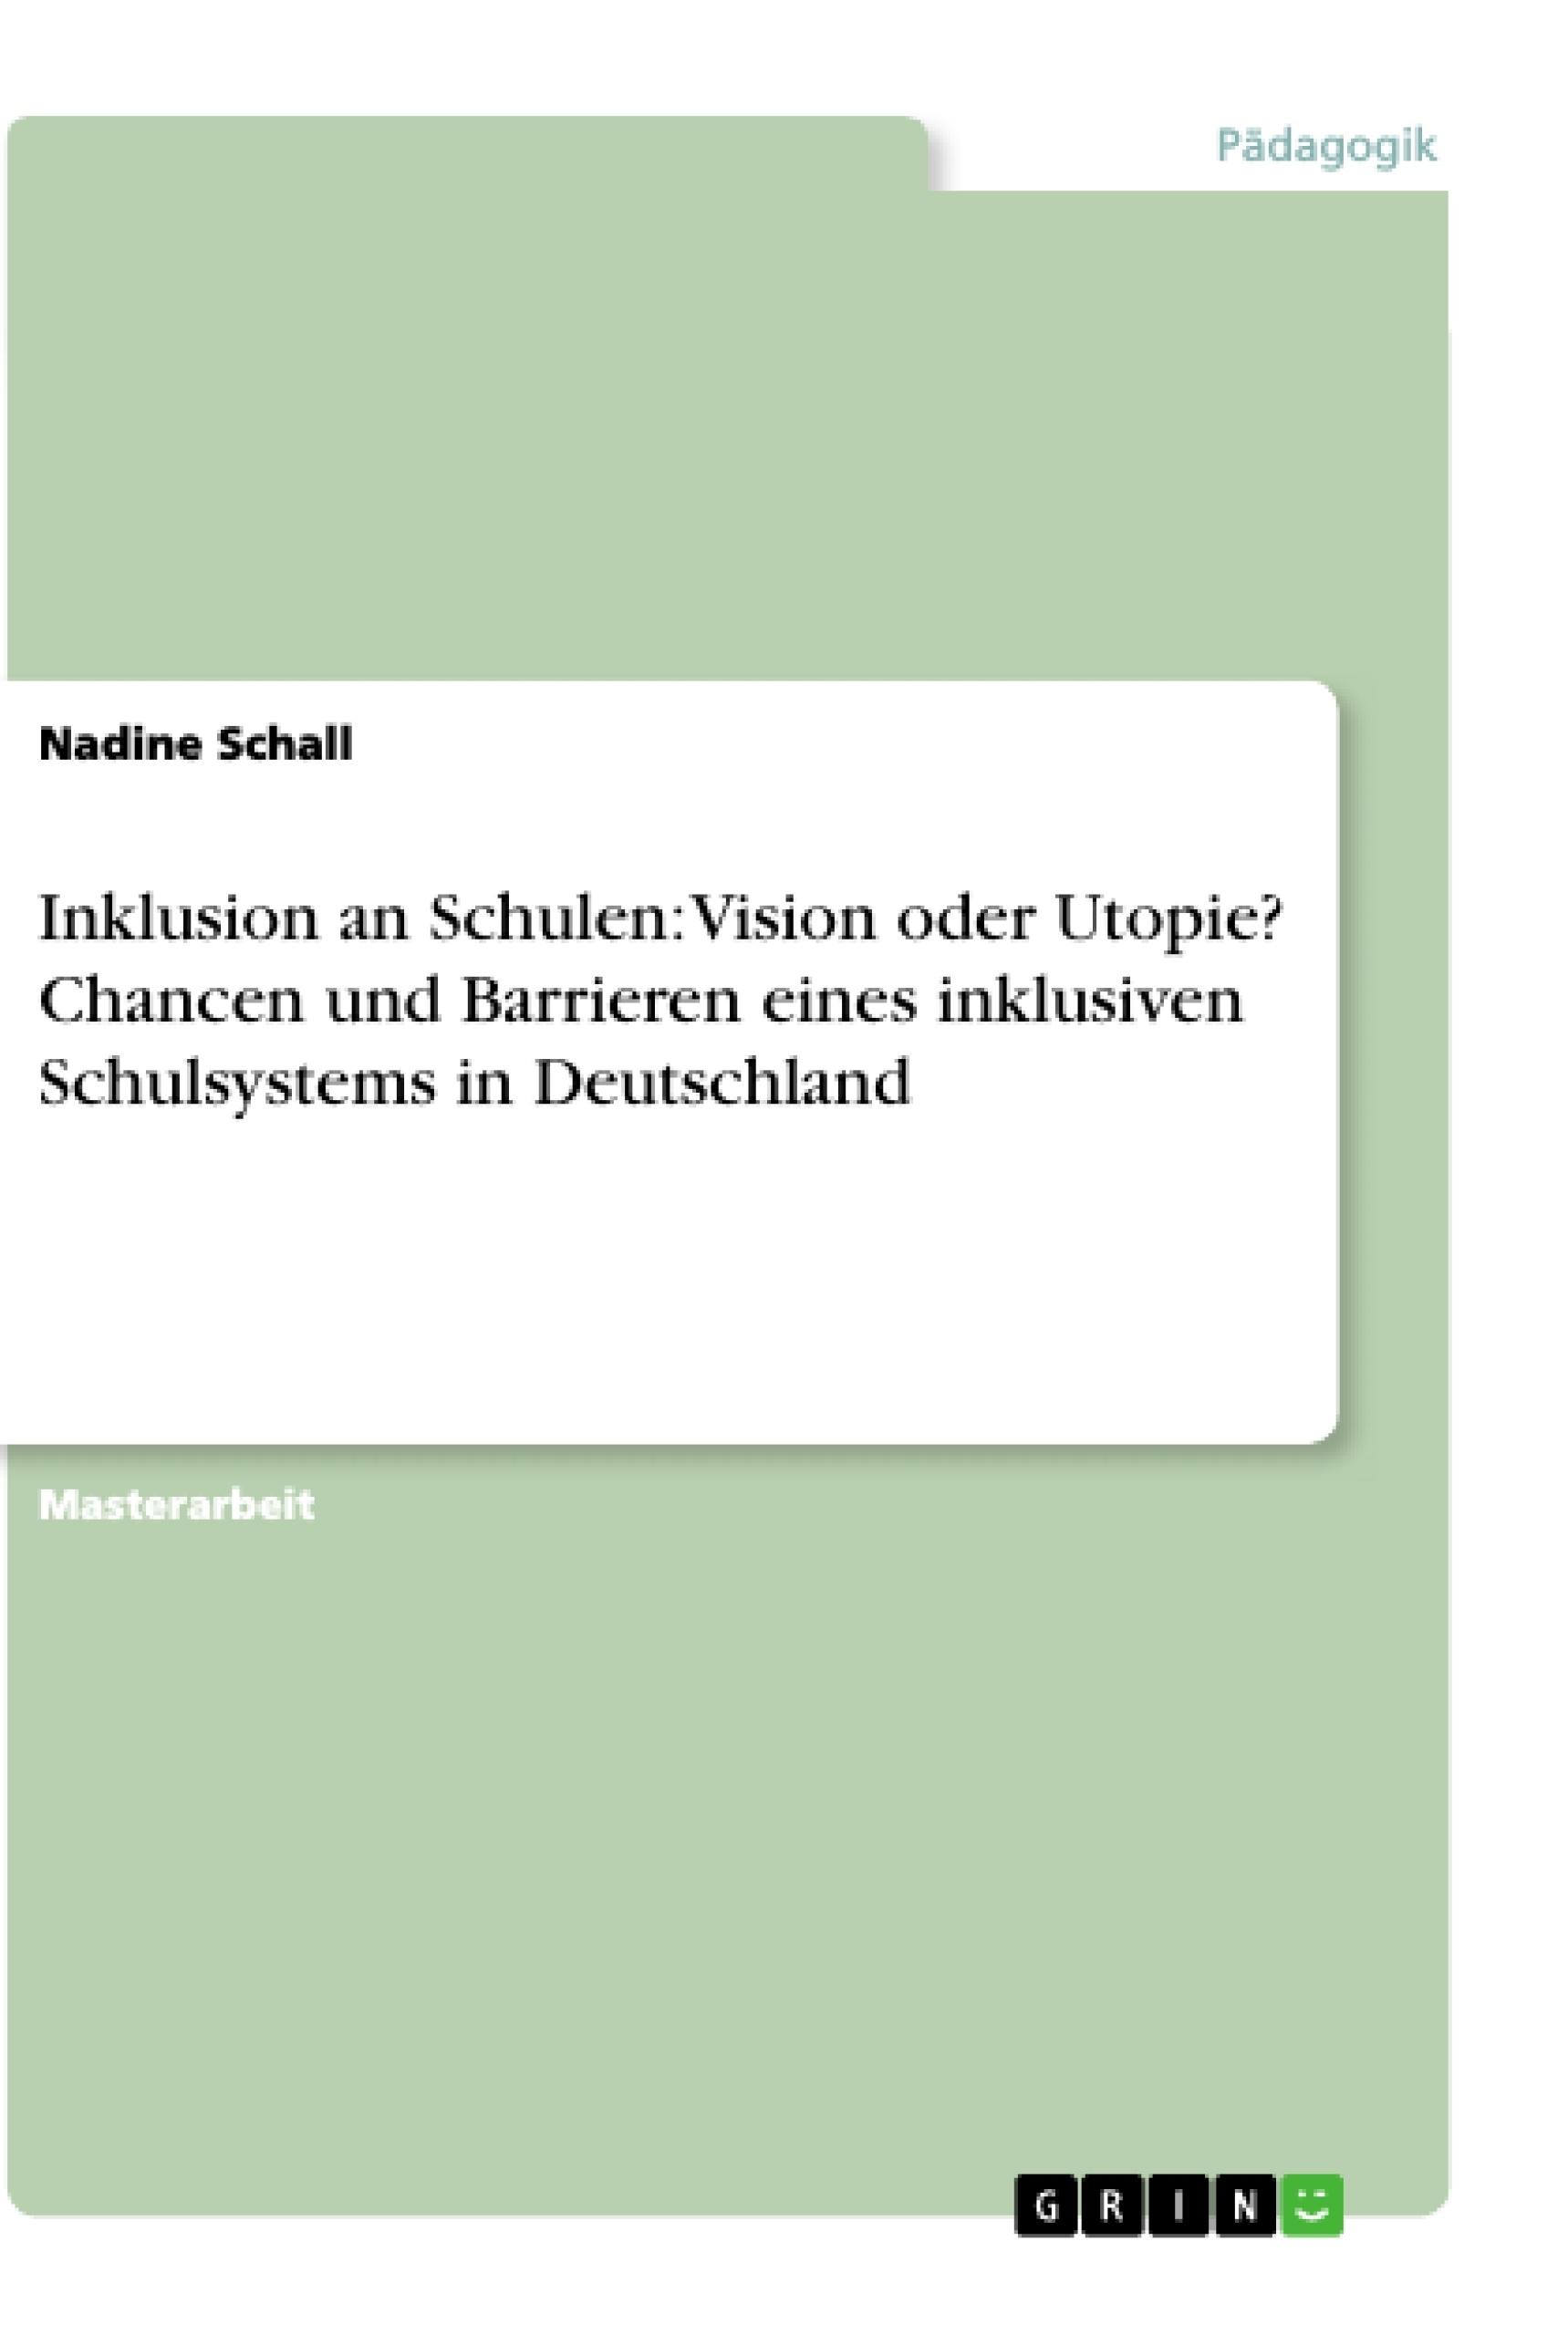 Titel: Inklusion an Schulen: Vision oder Utopie? Chancen und Barrieren eines inklusiven Schulsystems in Deutschland